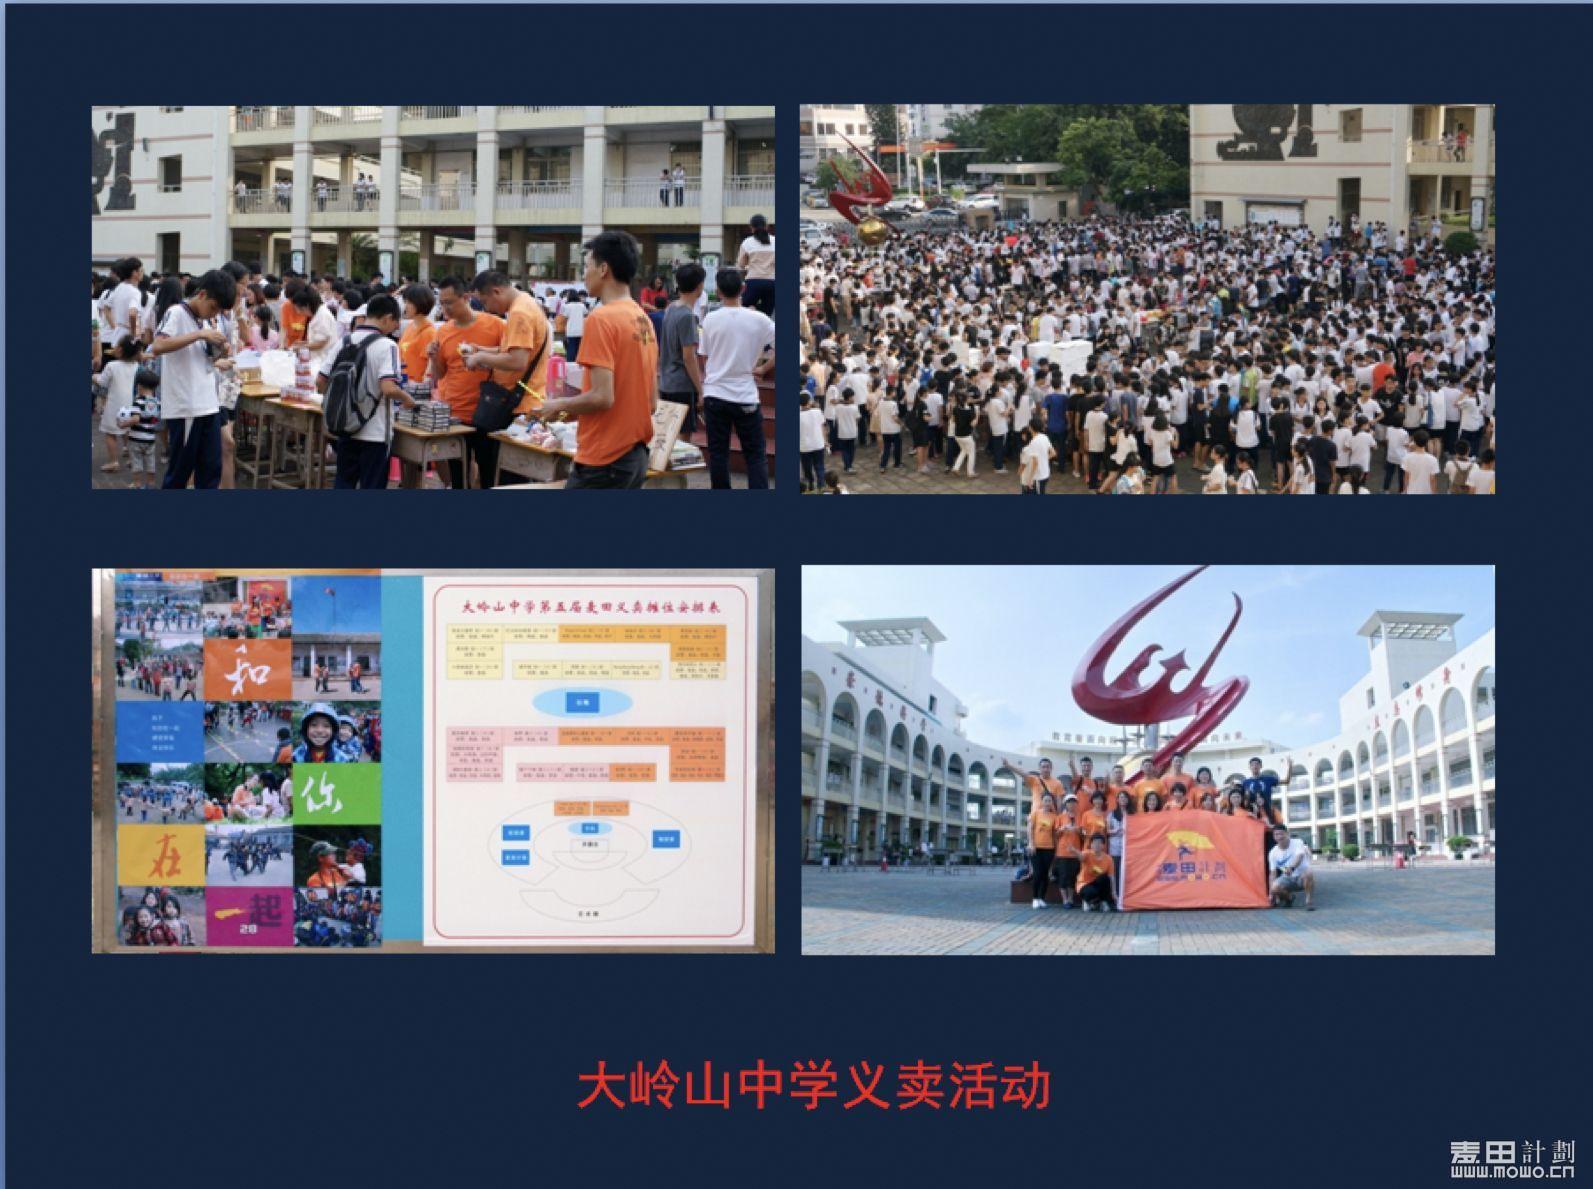 图片 4.jpg